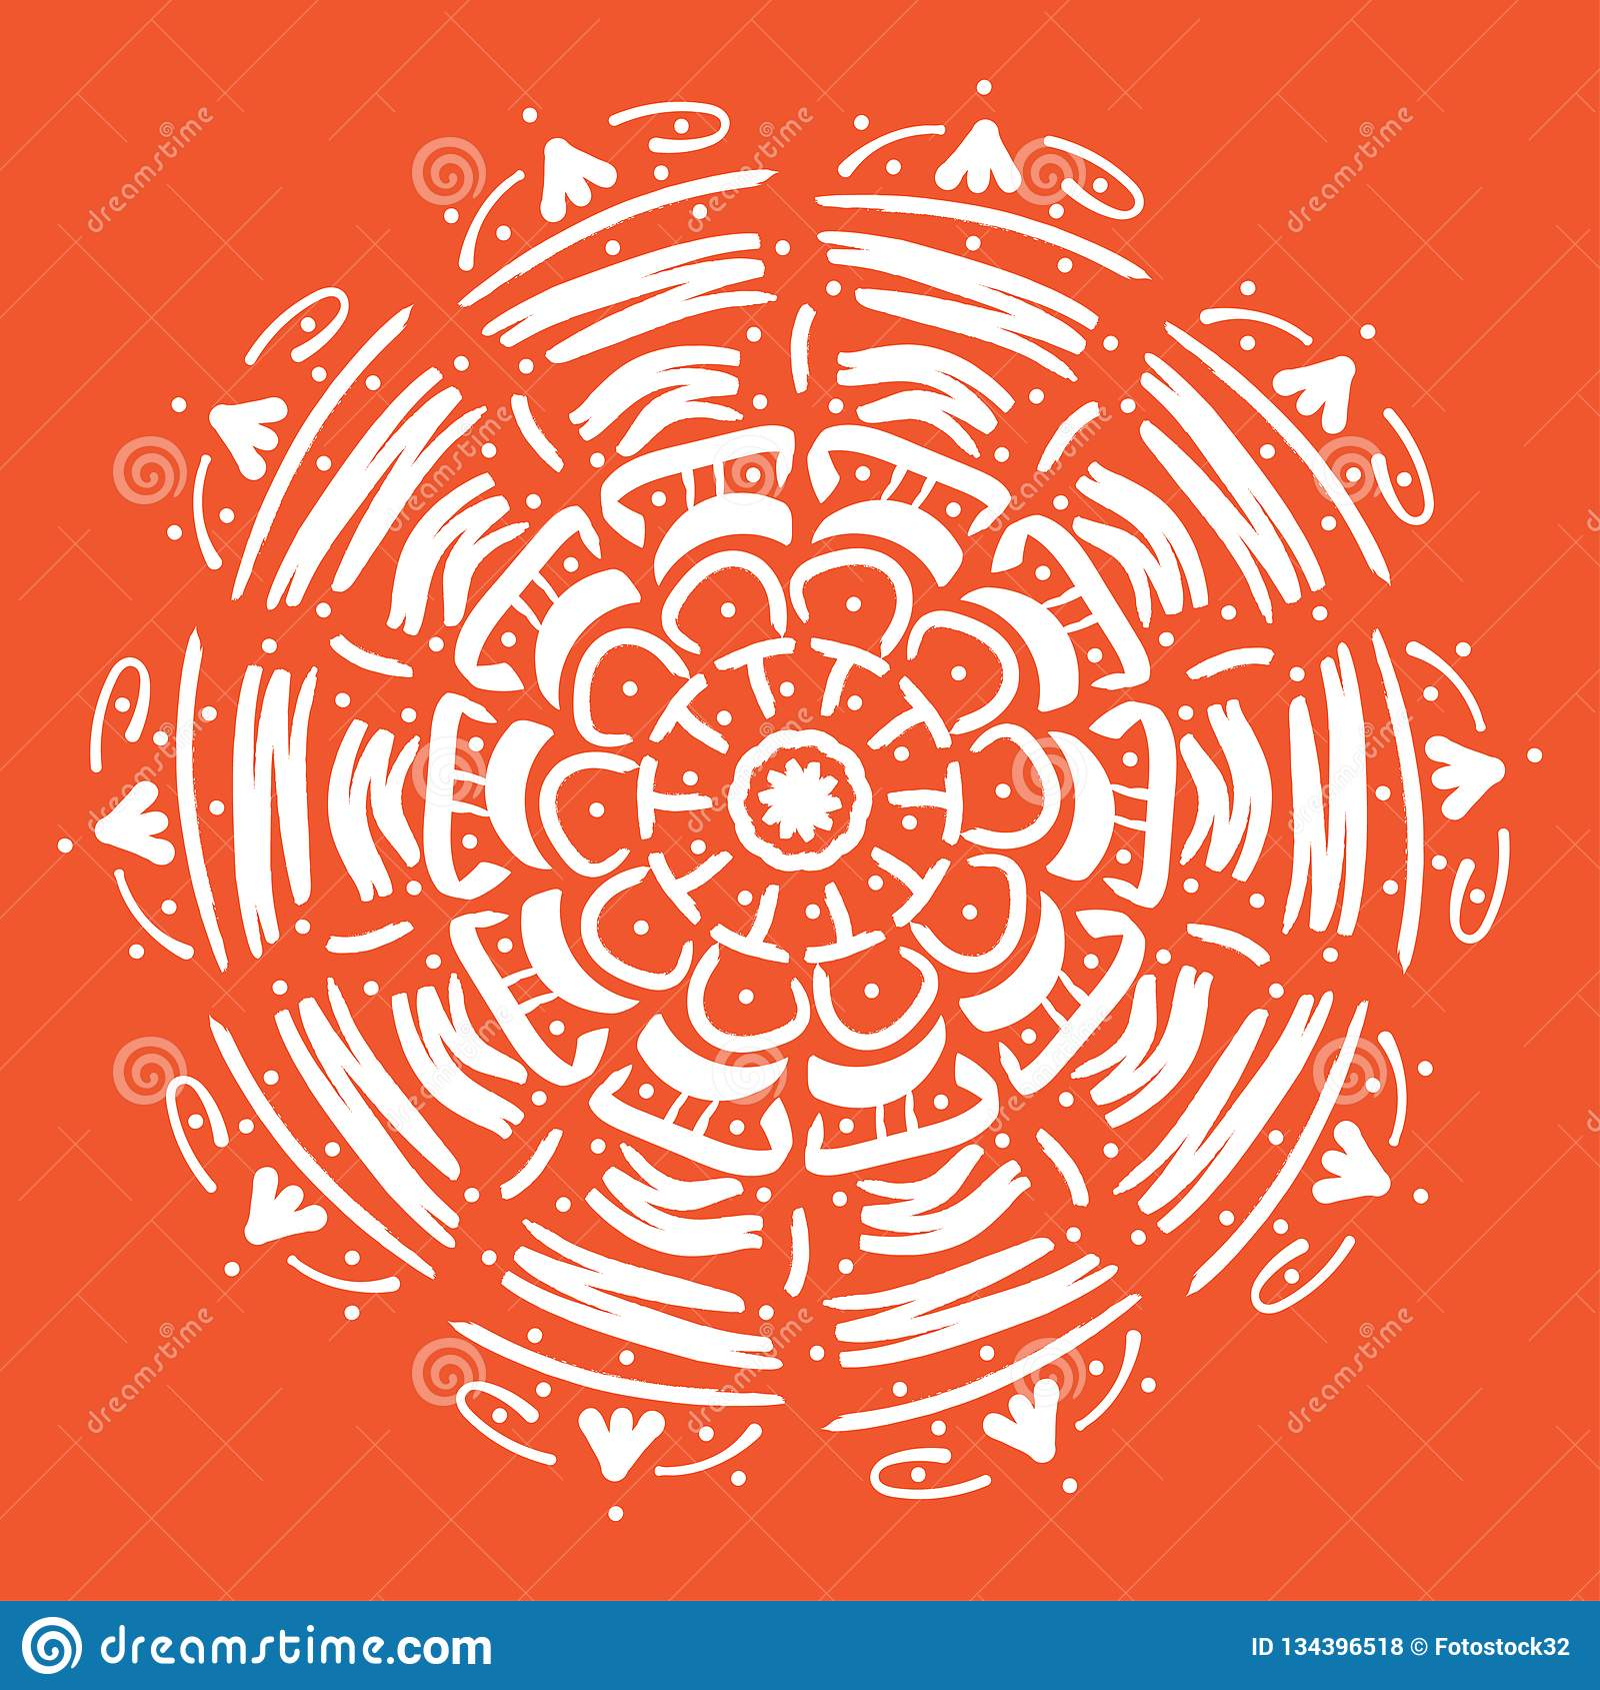 Mandala vectorillustratie Rond abstract bloemen oosters patroon, uitstekende decoratieve elementen